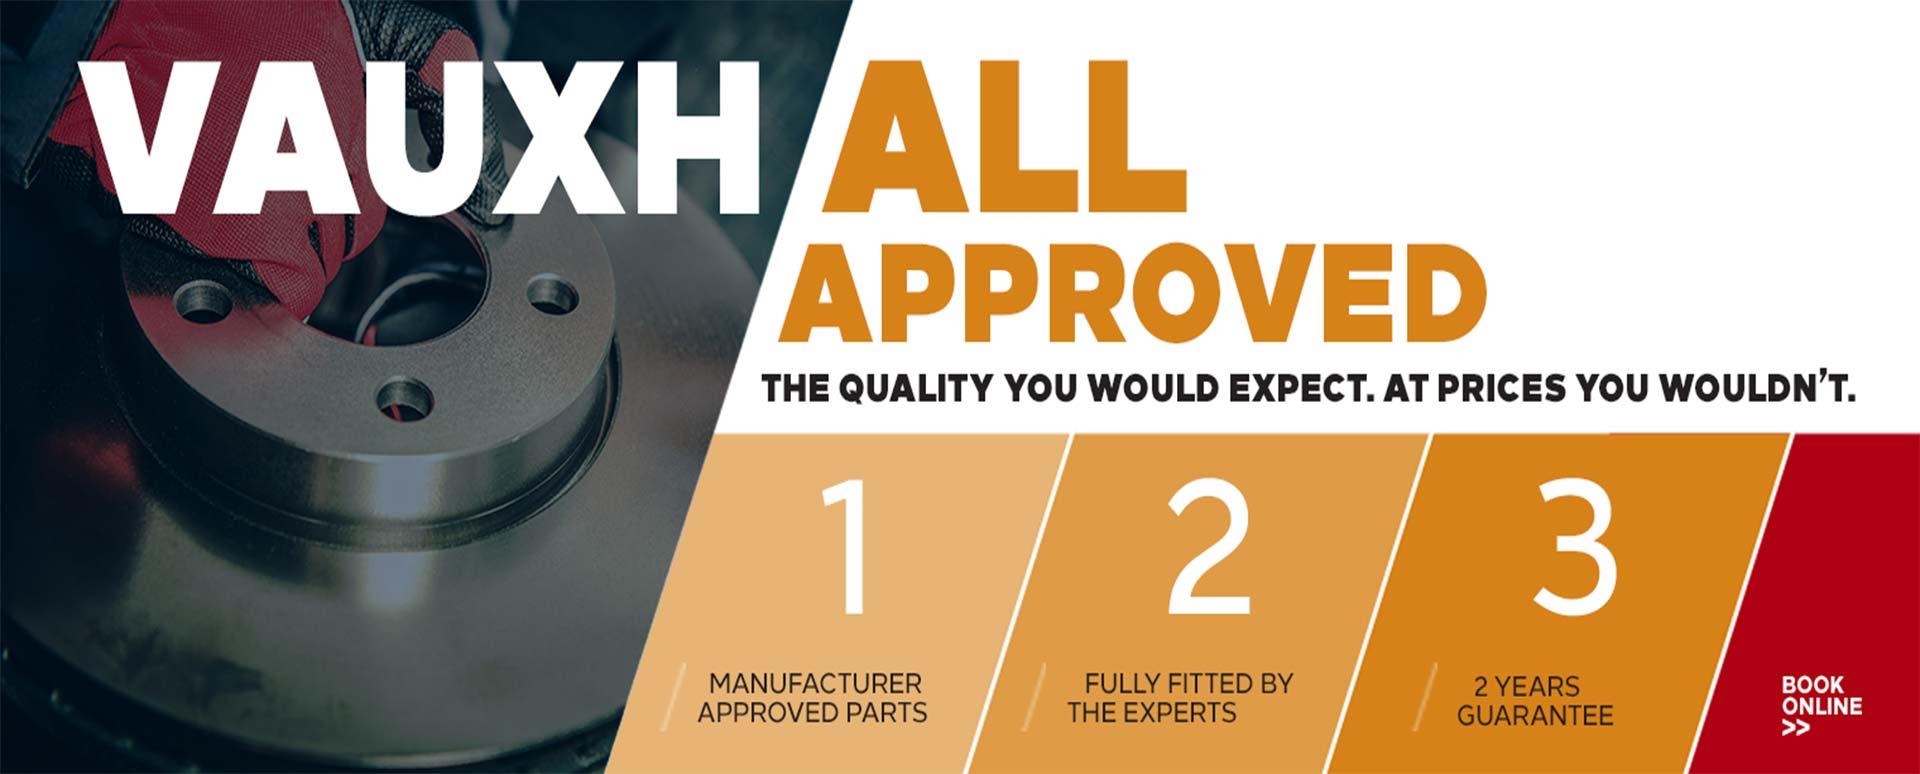 Vauxhall fixed price repairs carousel